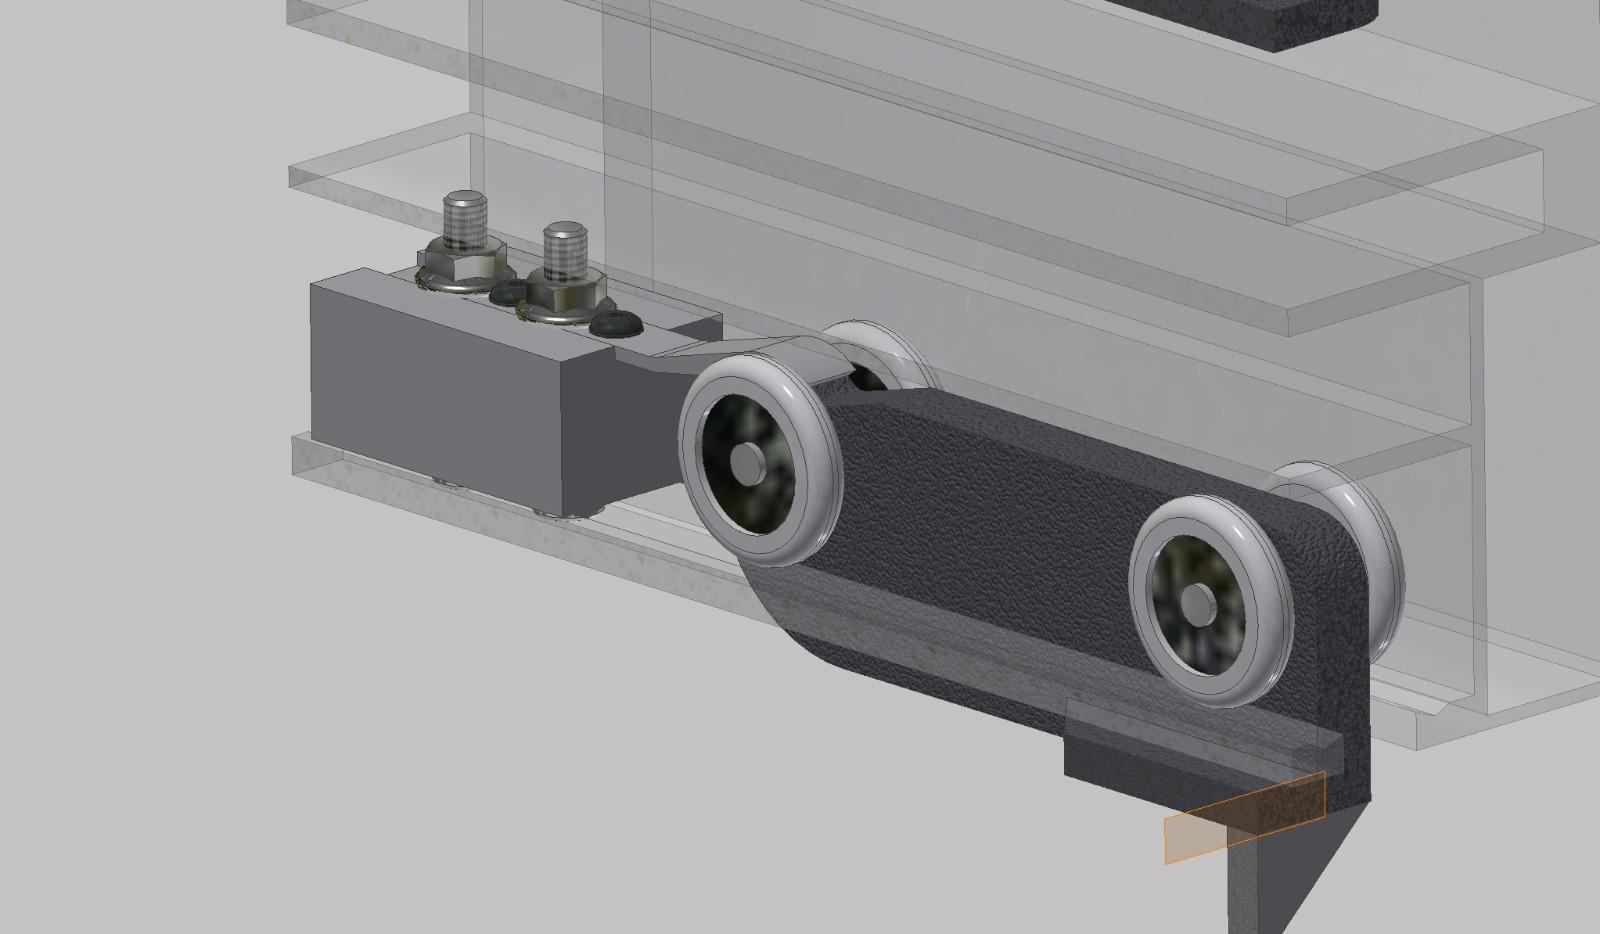 Progettazione meccanica ed elettronica